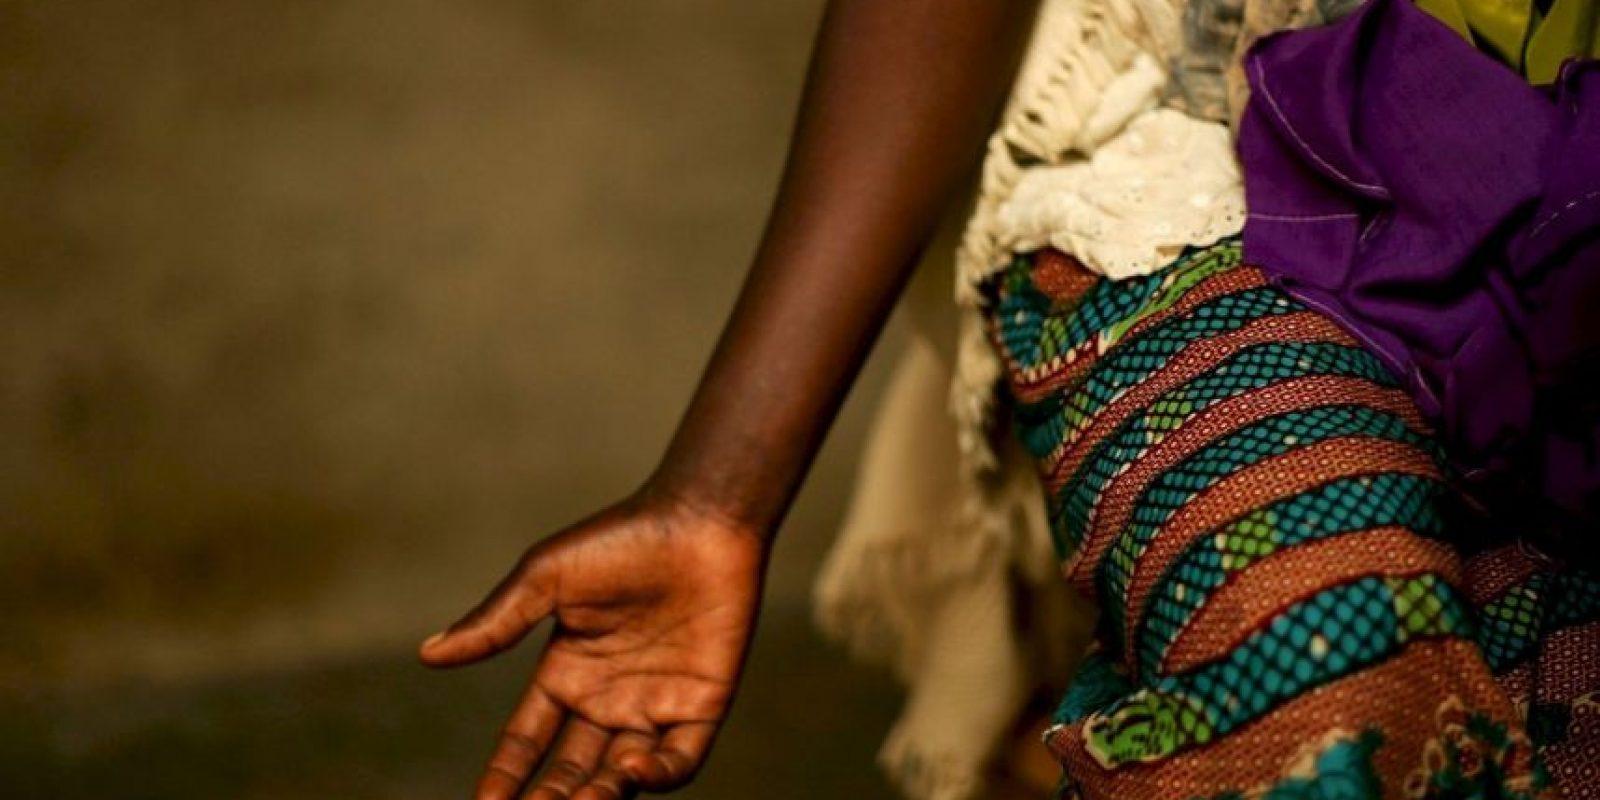 6. Las consecuencias de la violencia de género perduran generaciones. Foto:Getty Images